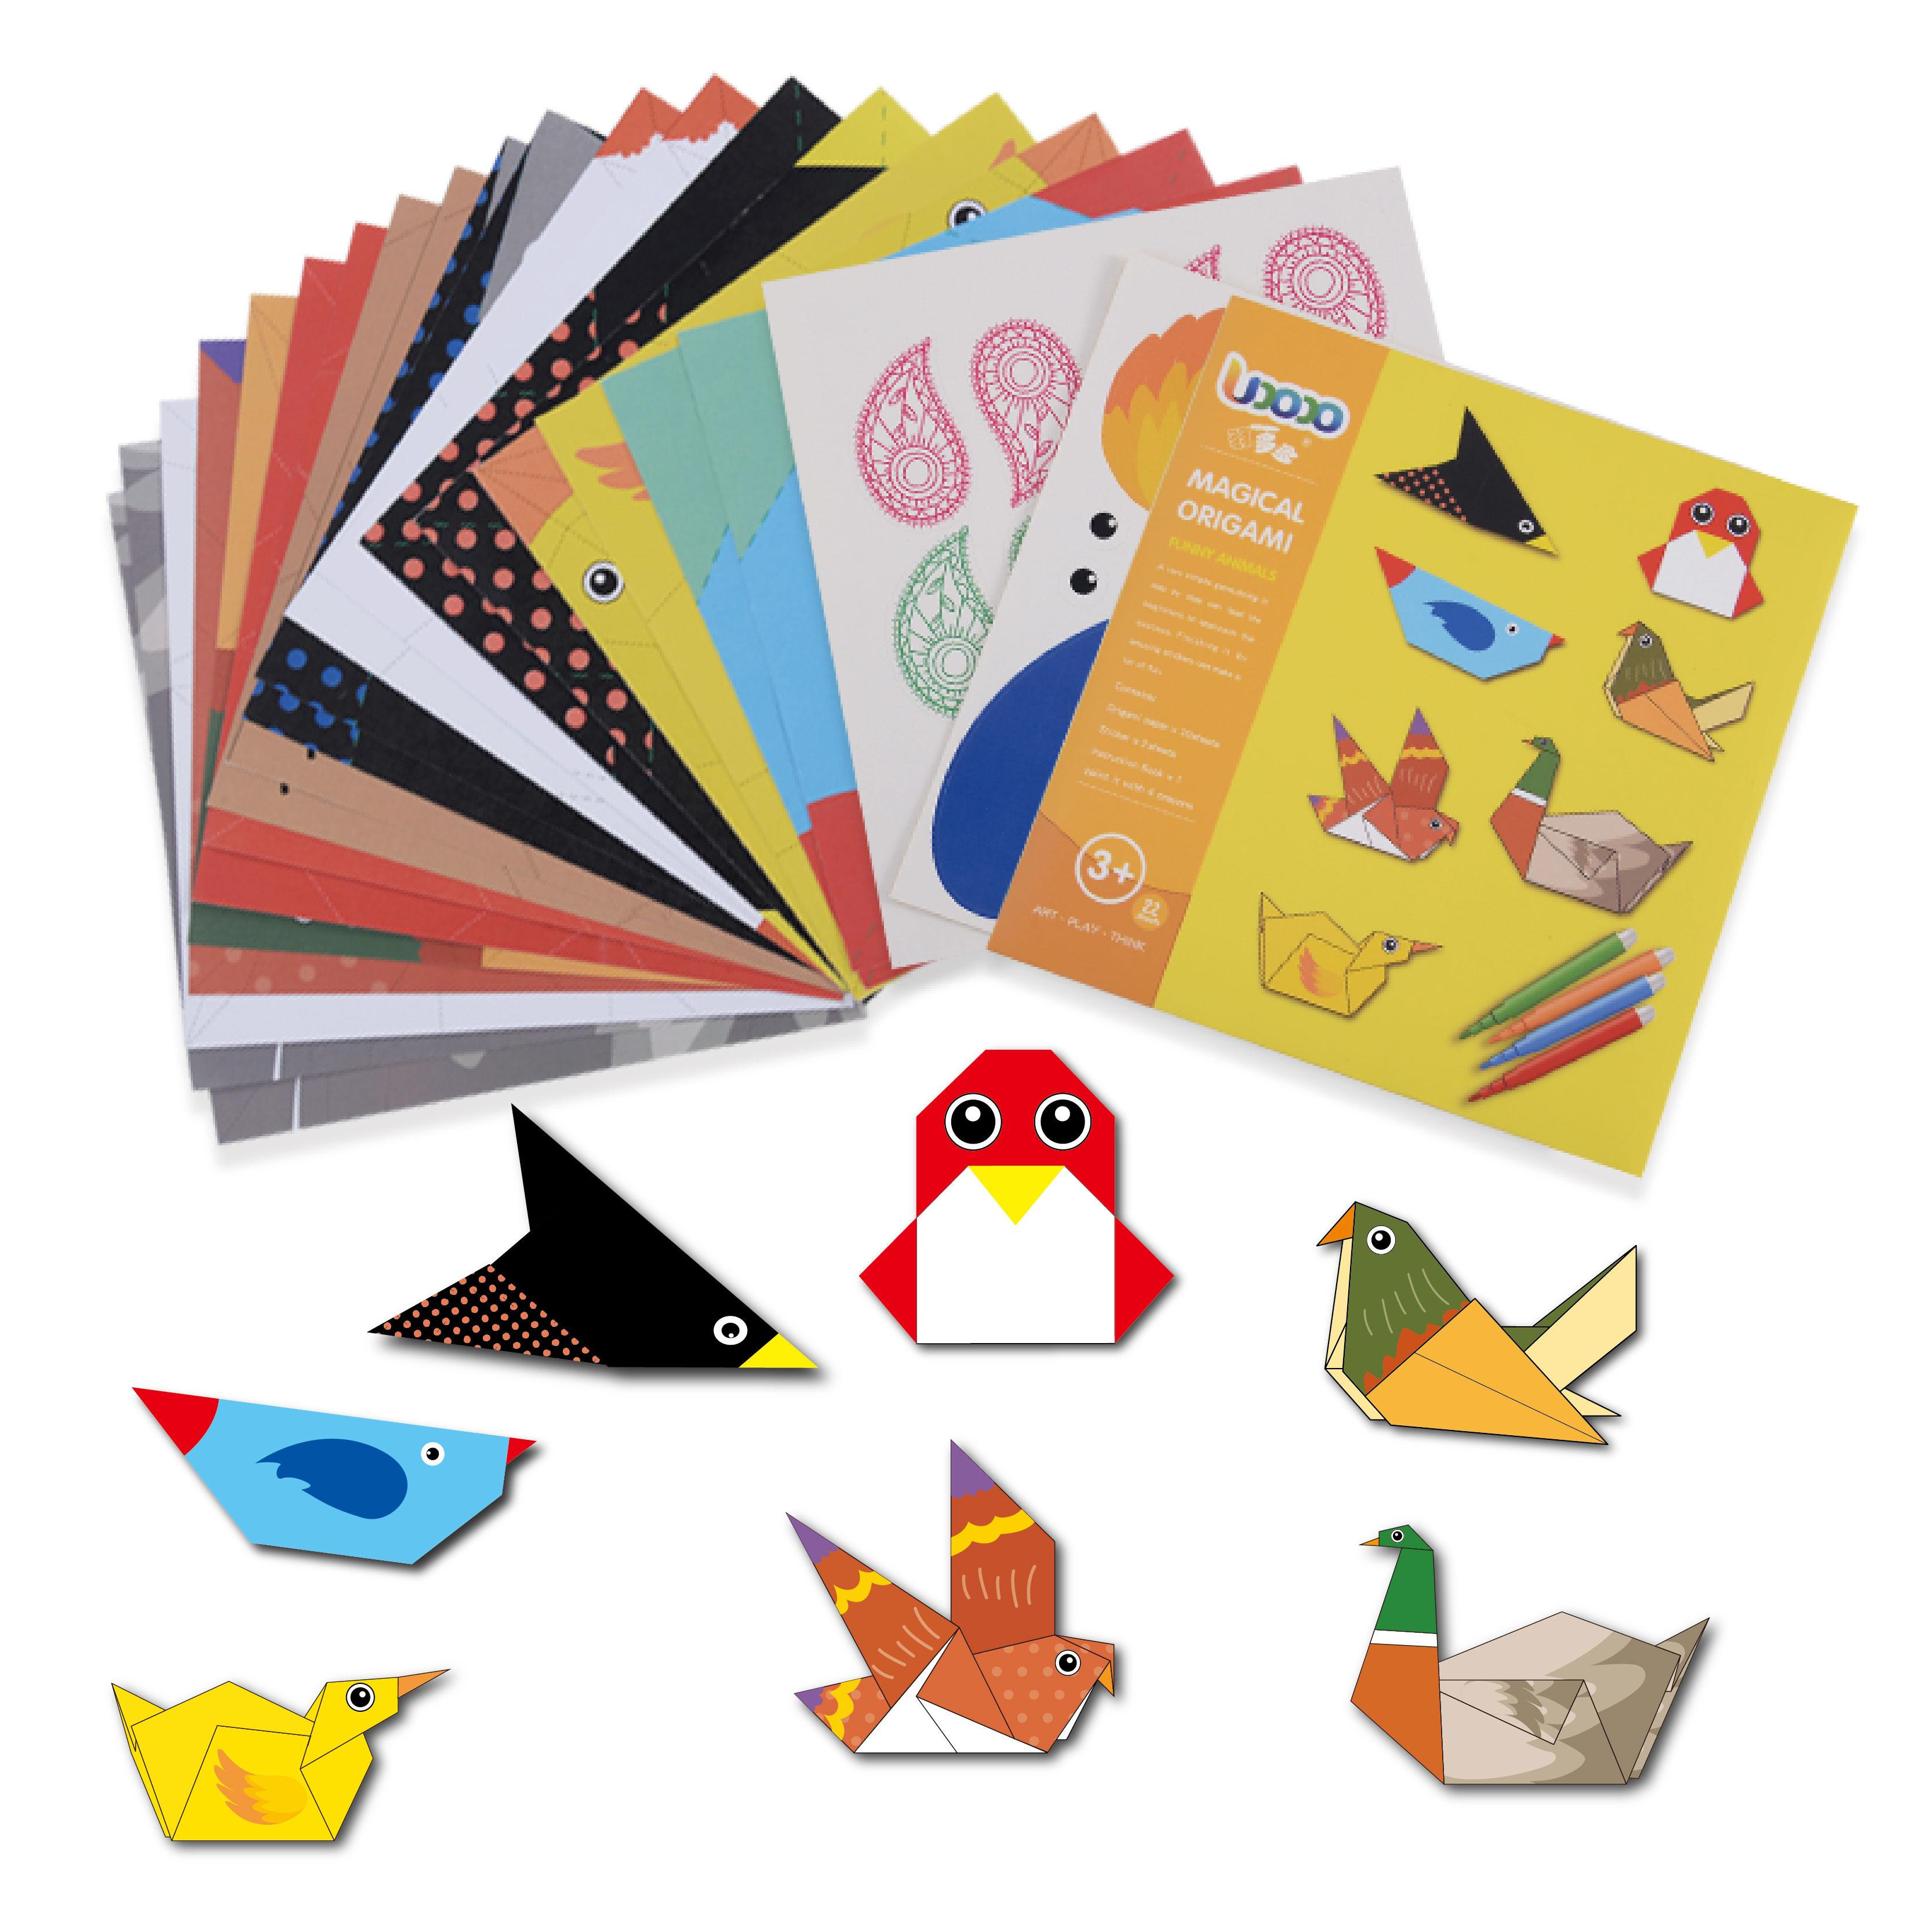 色子供の diy 折り紙ゲーム、 3D マニュアル折り紙クレーンゲームセット